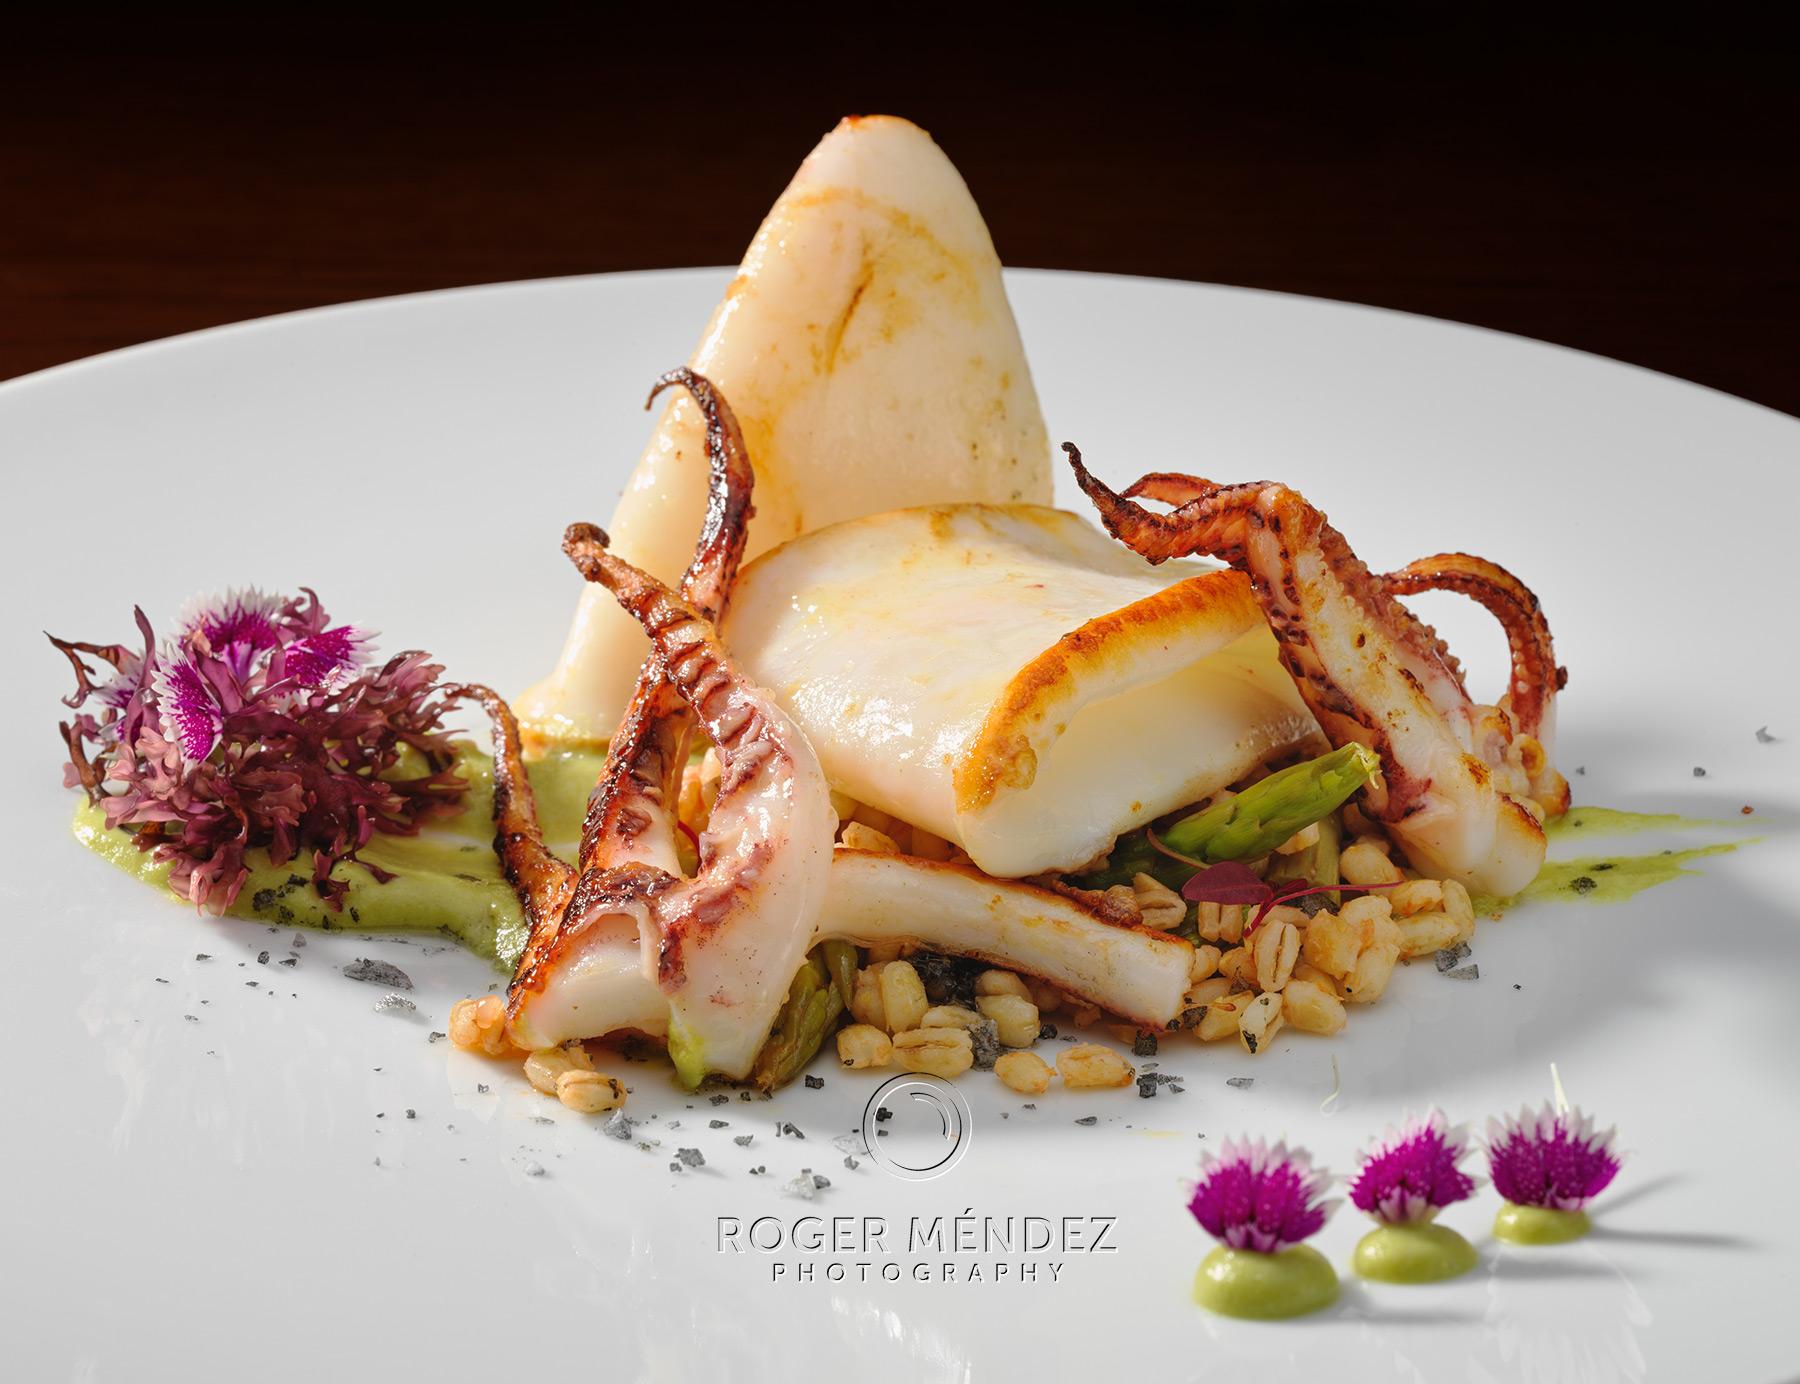 Fotografía de gastronomía Calamar Grill con cebada